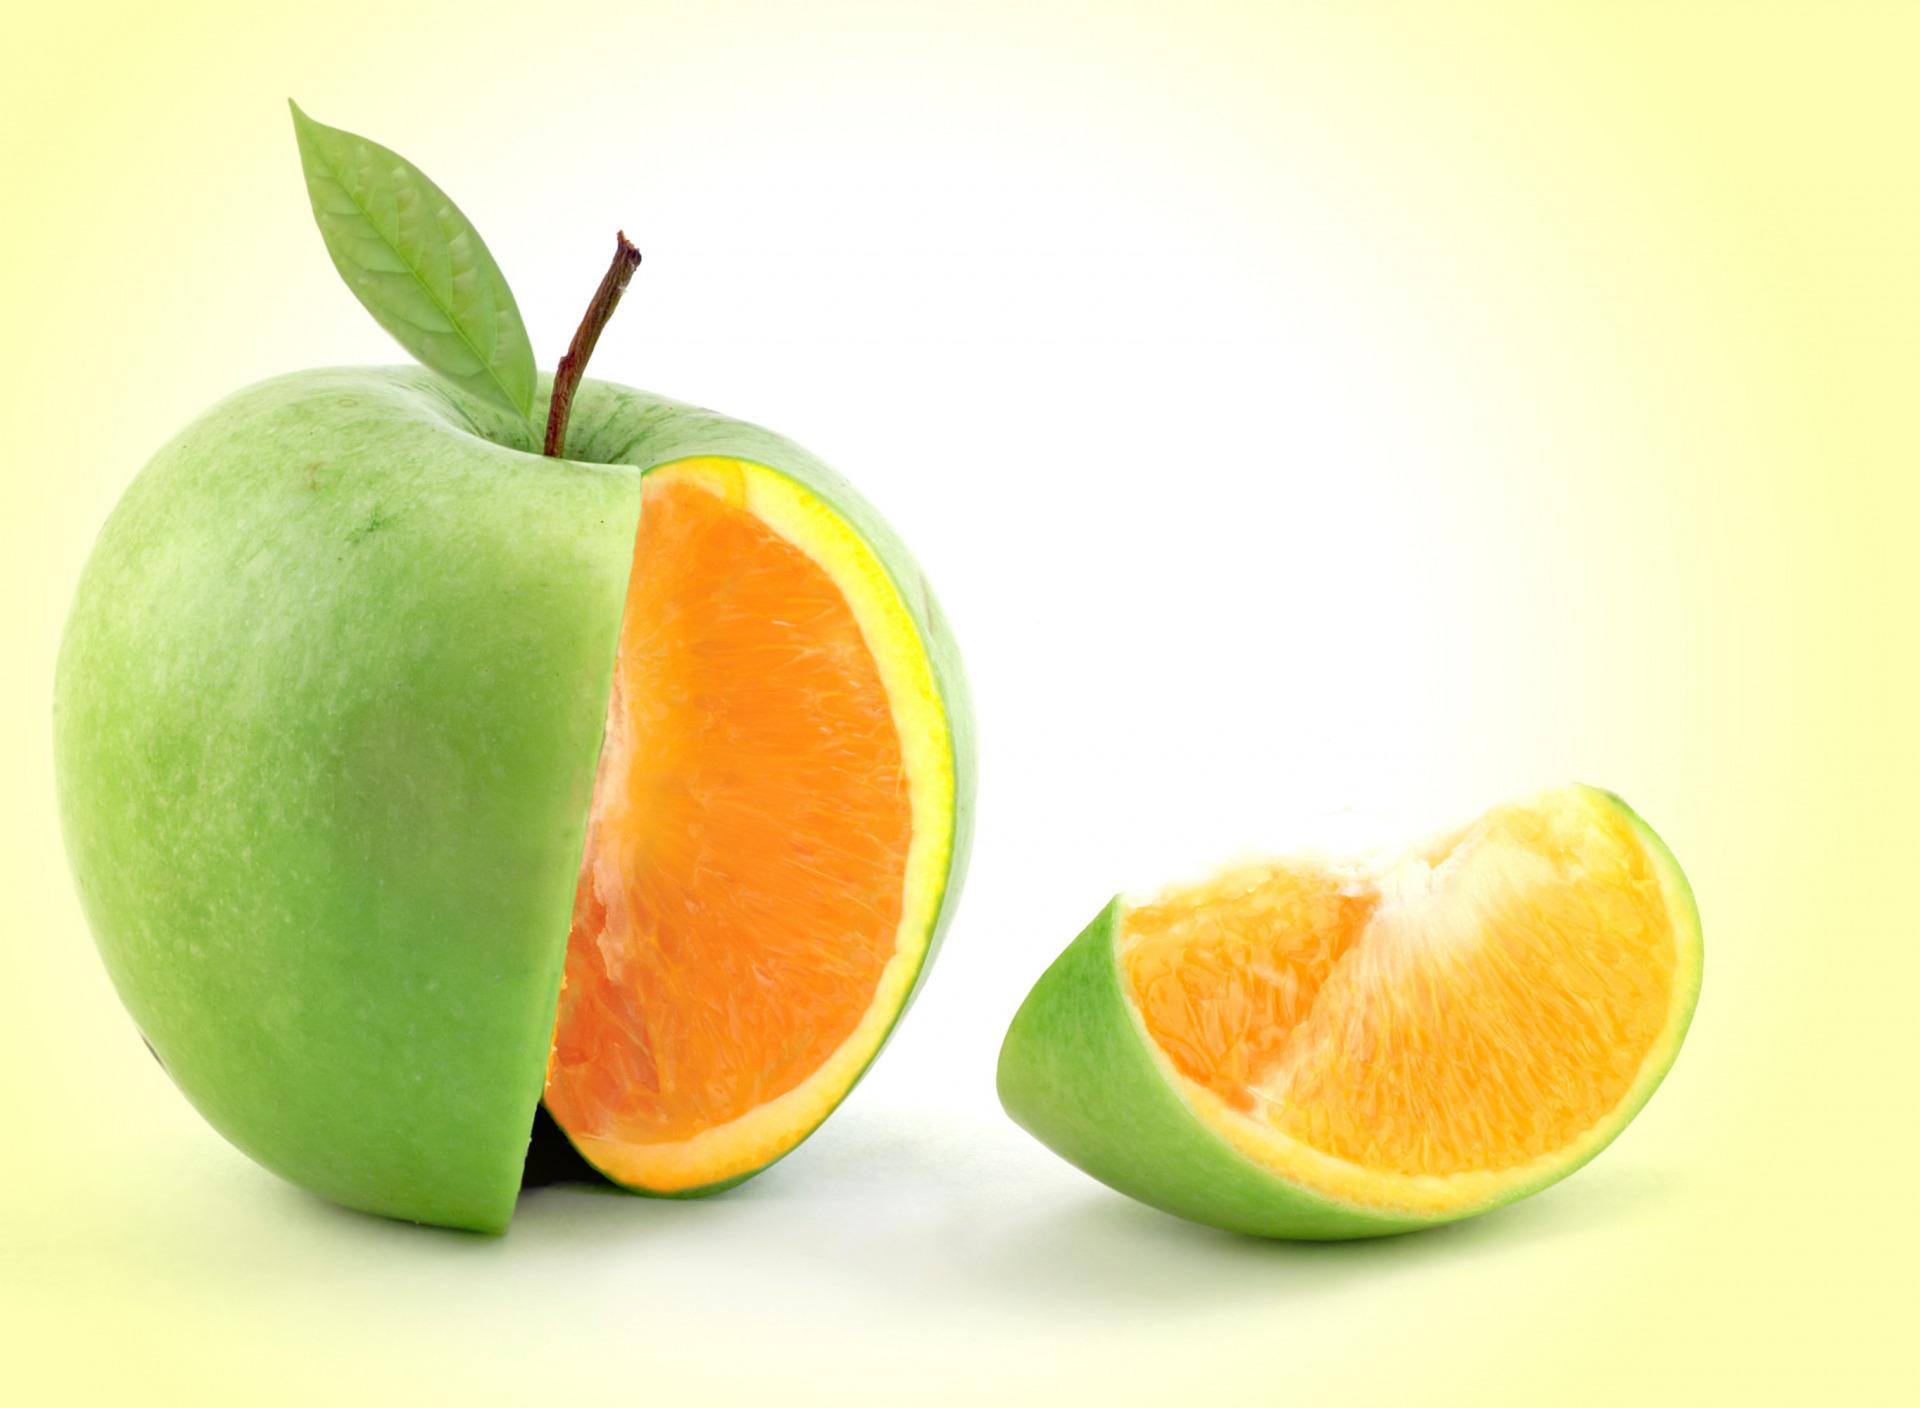 Яблоко и апельсин в одной картинке